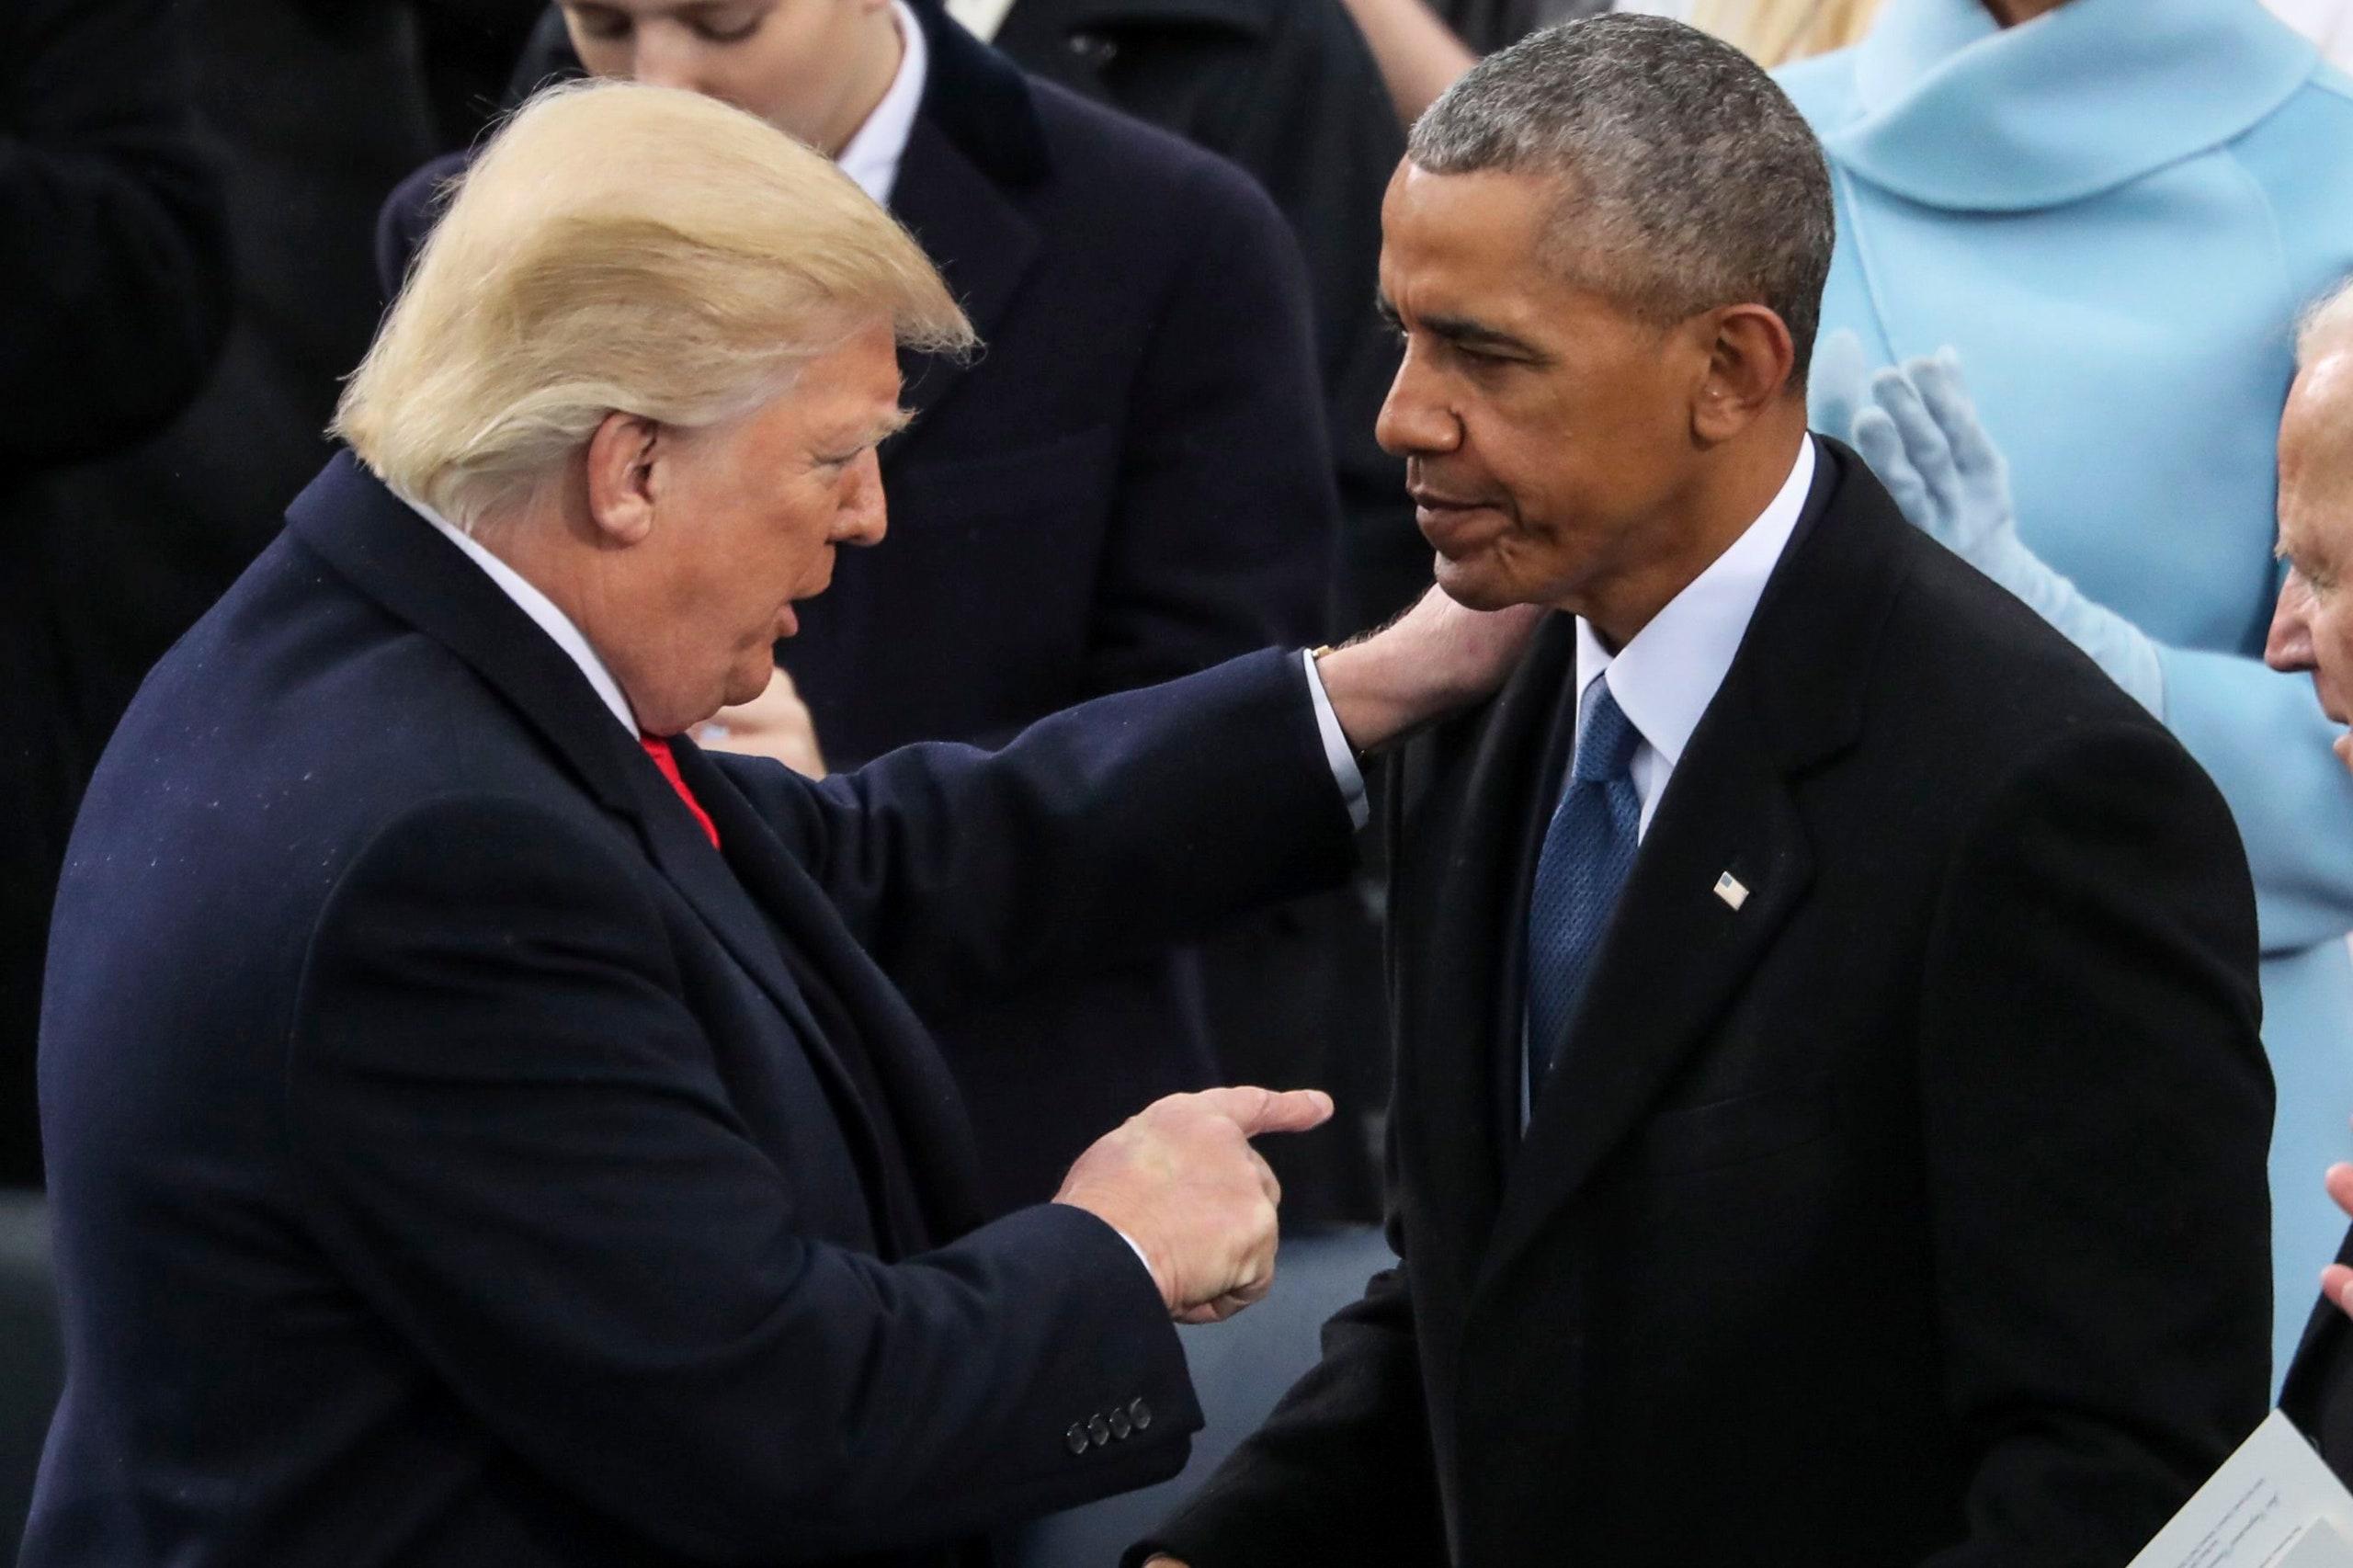 Akuza e rëndë e Trump : Administrata e Obamas më e korruptuara në historinë e SHBA-së